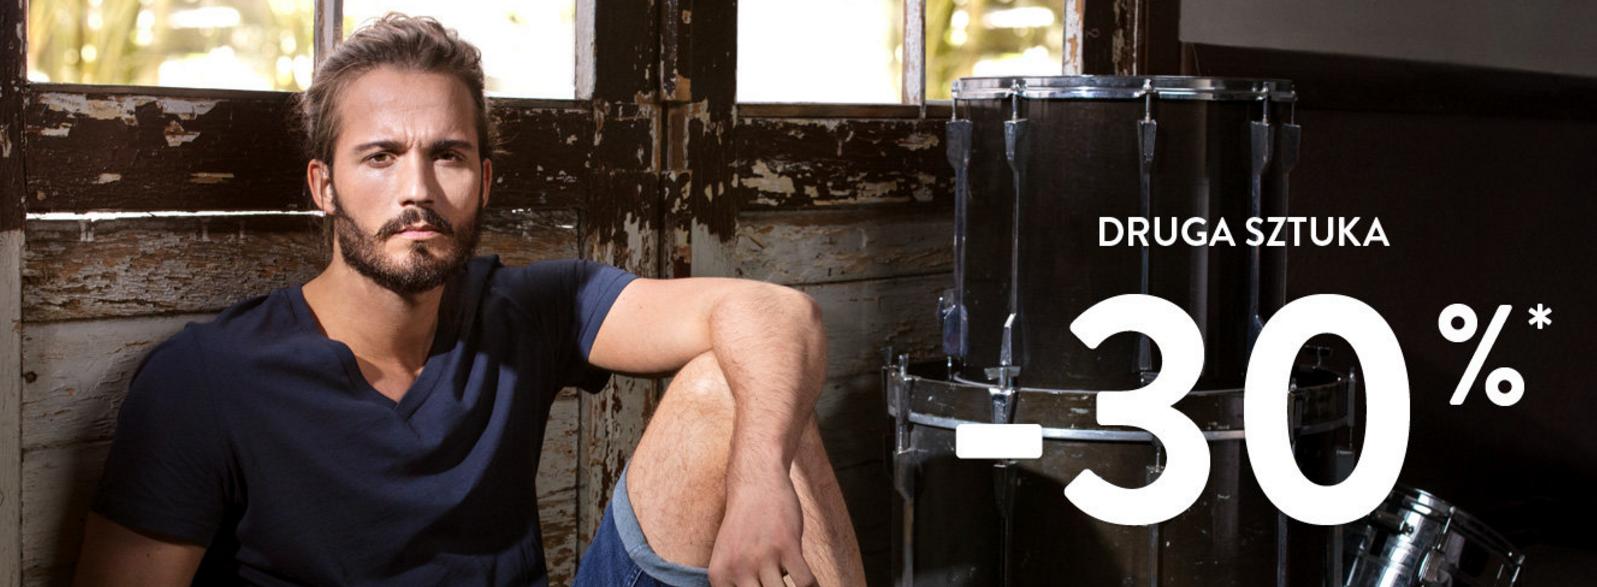 Cross Jeans: 30% rabatu na zakup drugiej sztuki z odzieży damskiej i męskiej